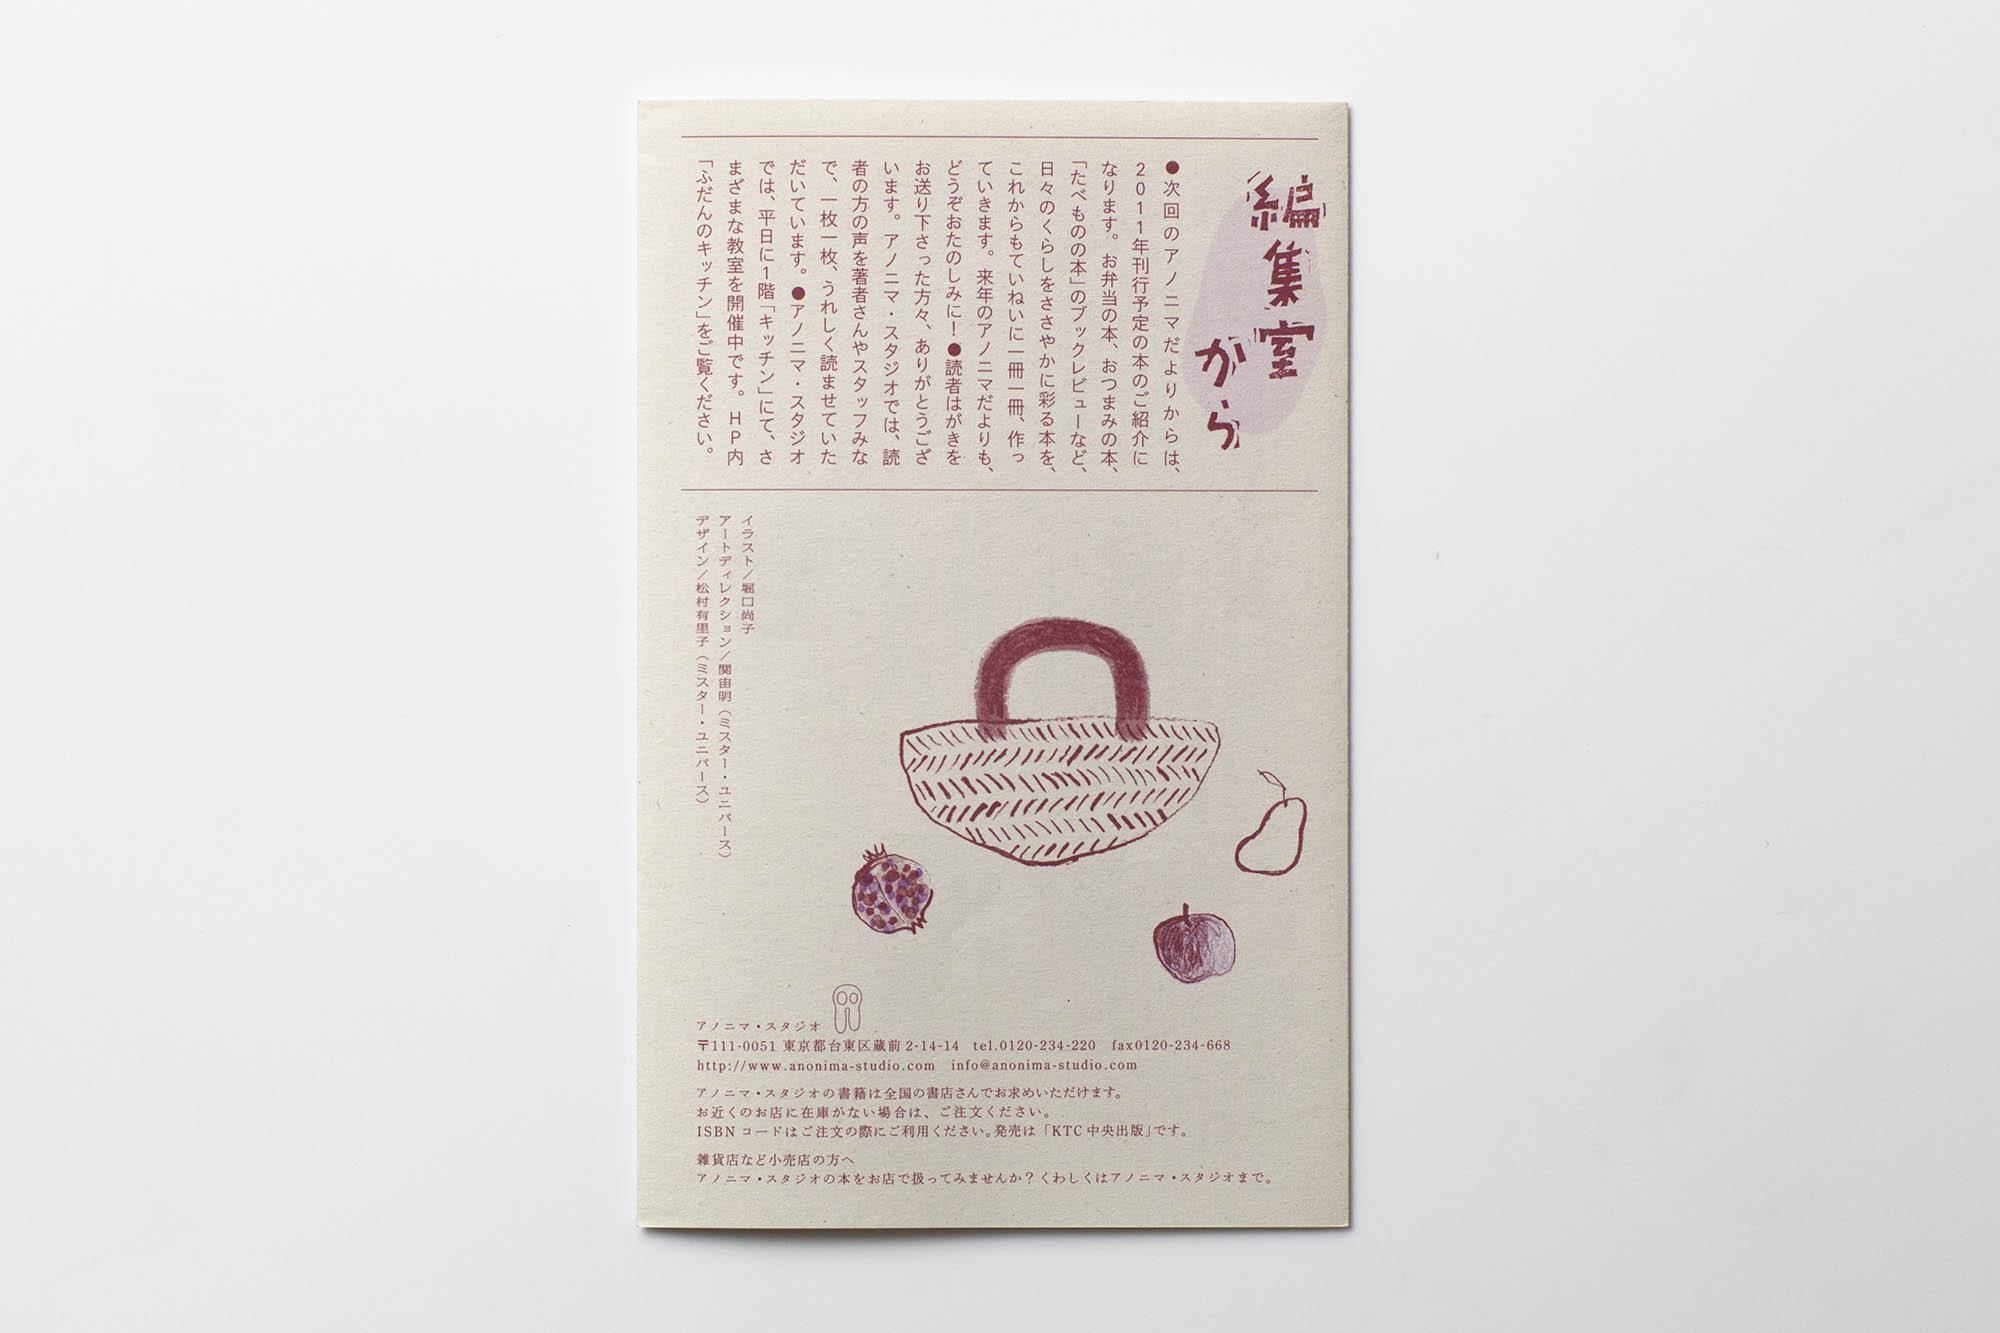 leaflet_DM_156